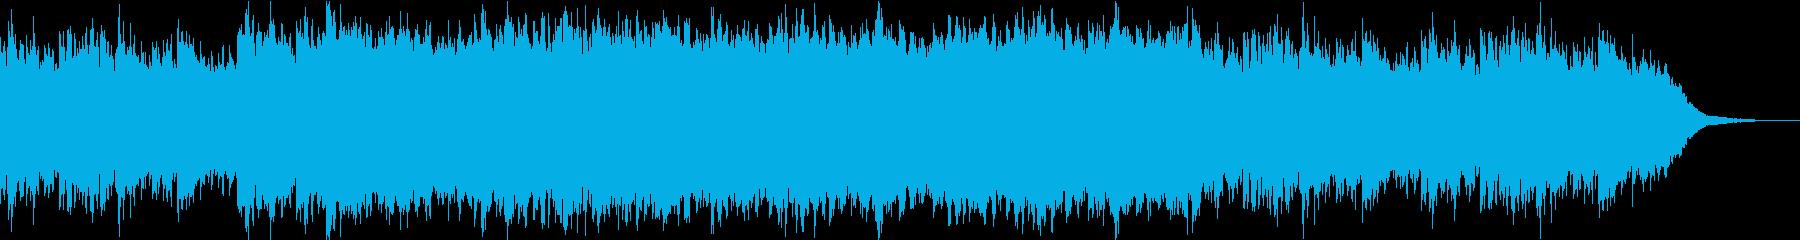 安心感 製品紹介 学校紹介の再生済みの波形